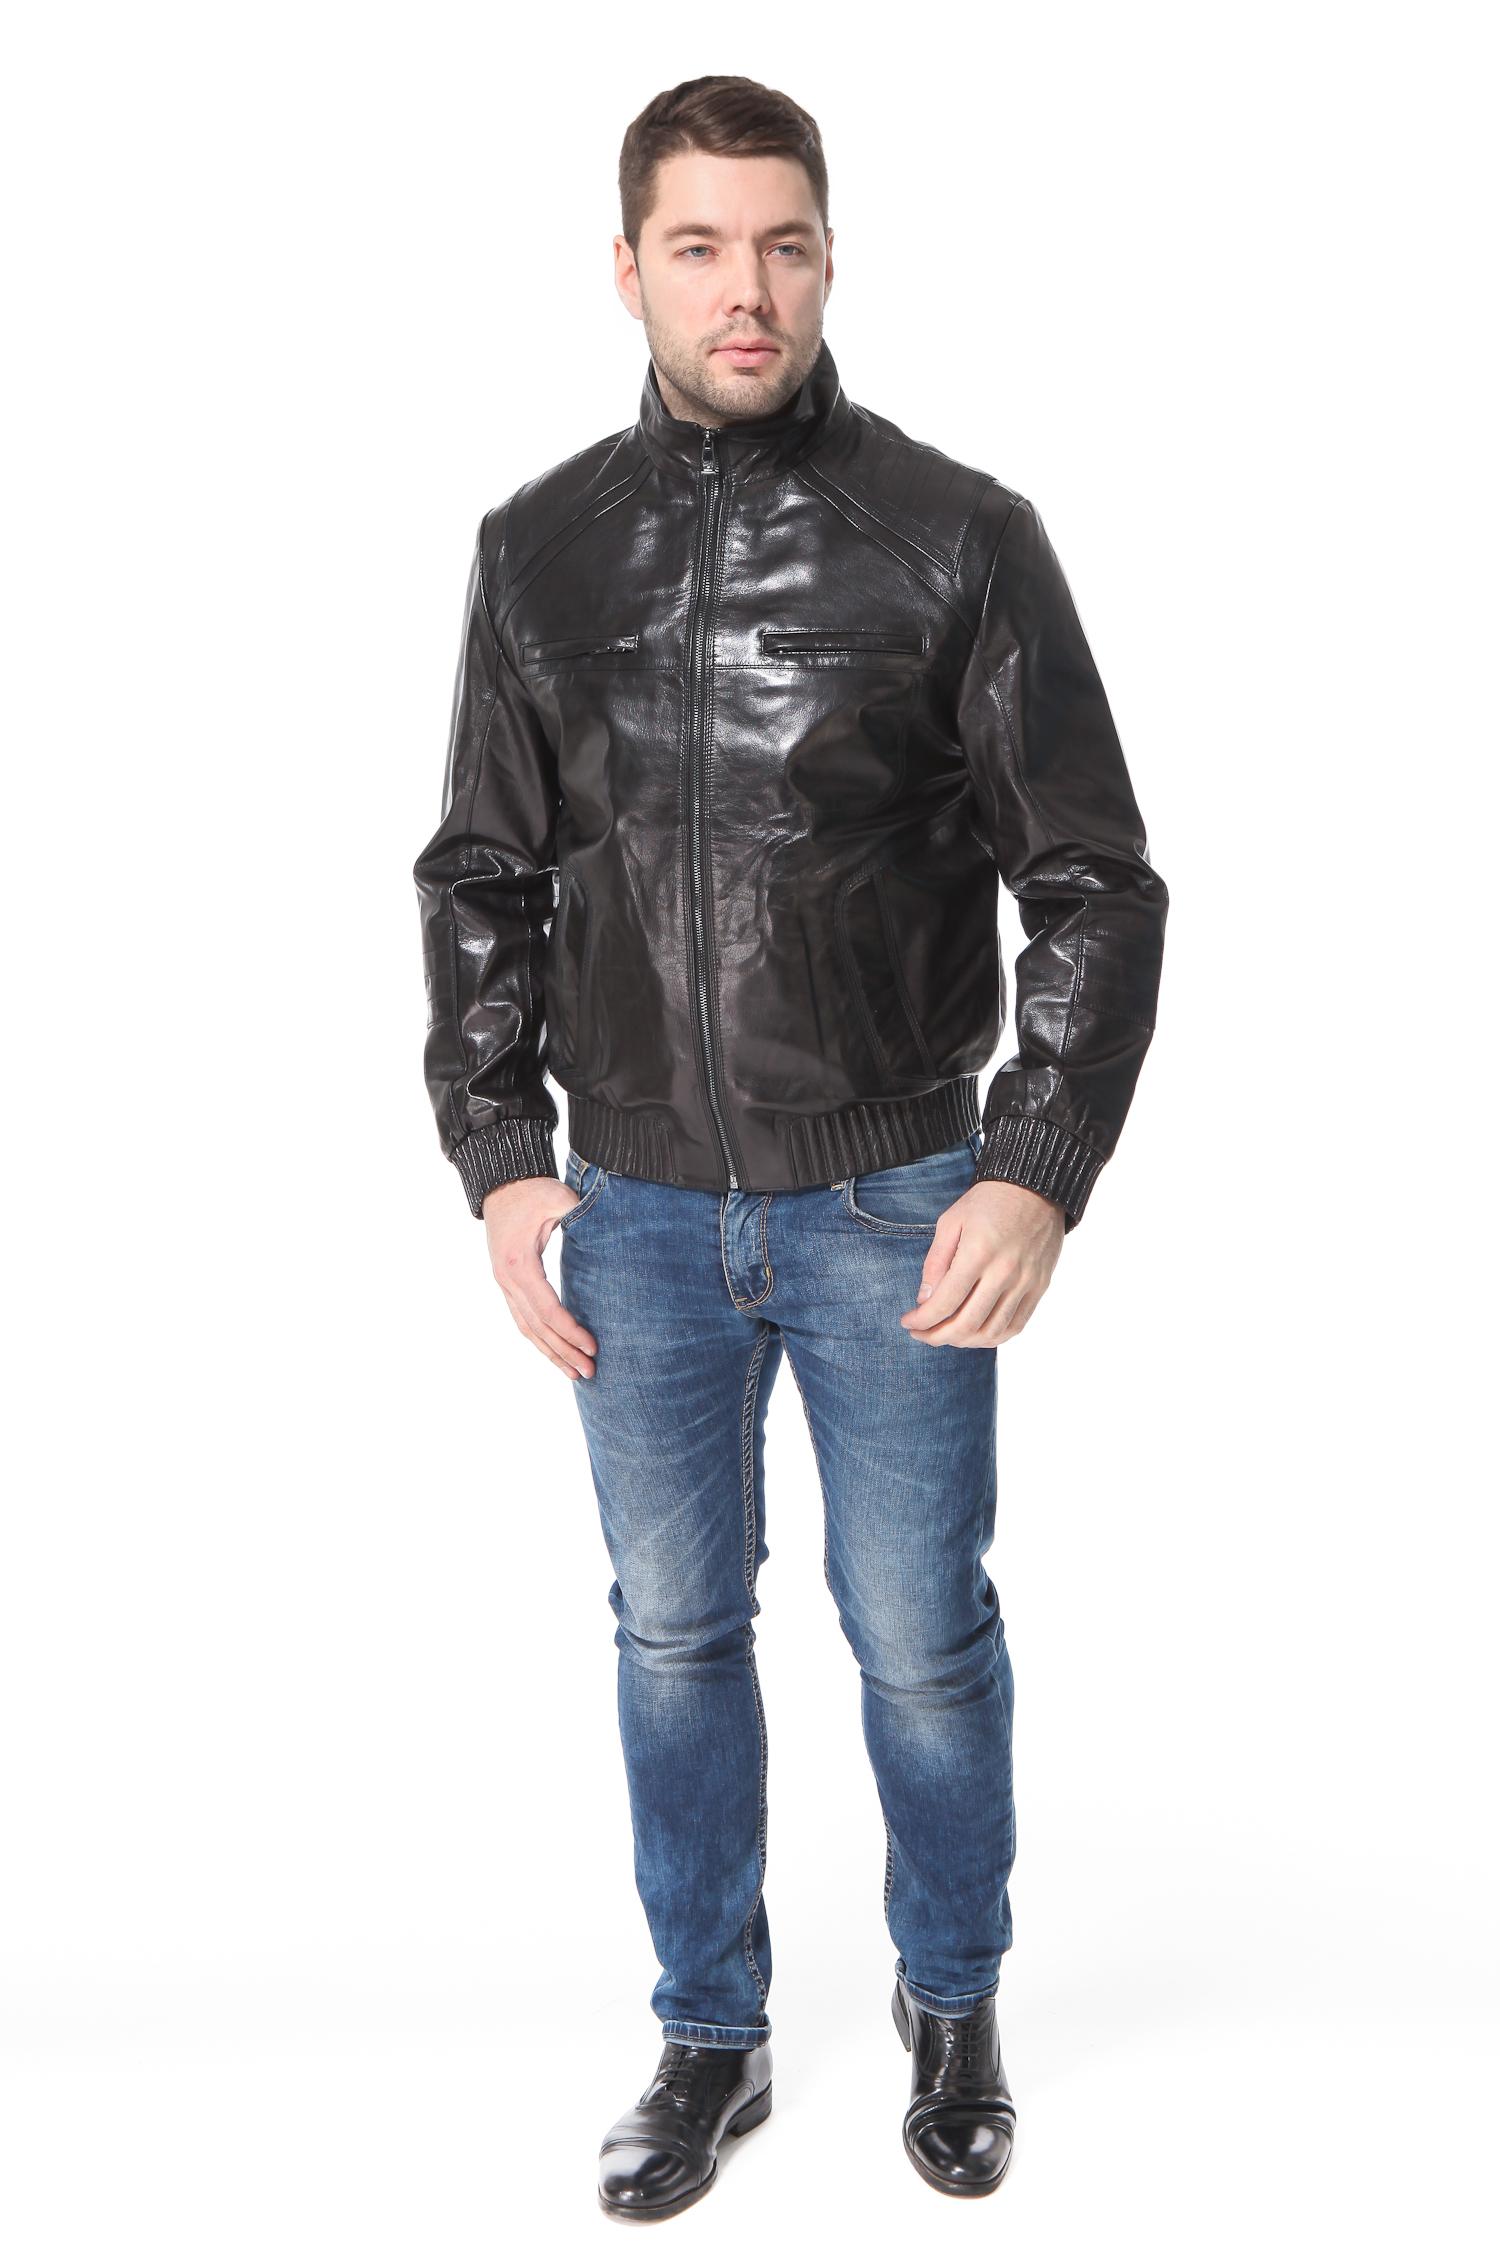 Кожаная Куртка Мужская Купить В Спб